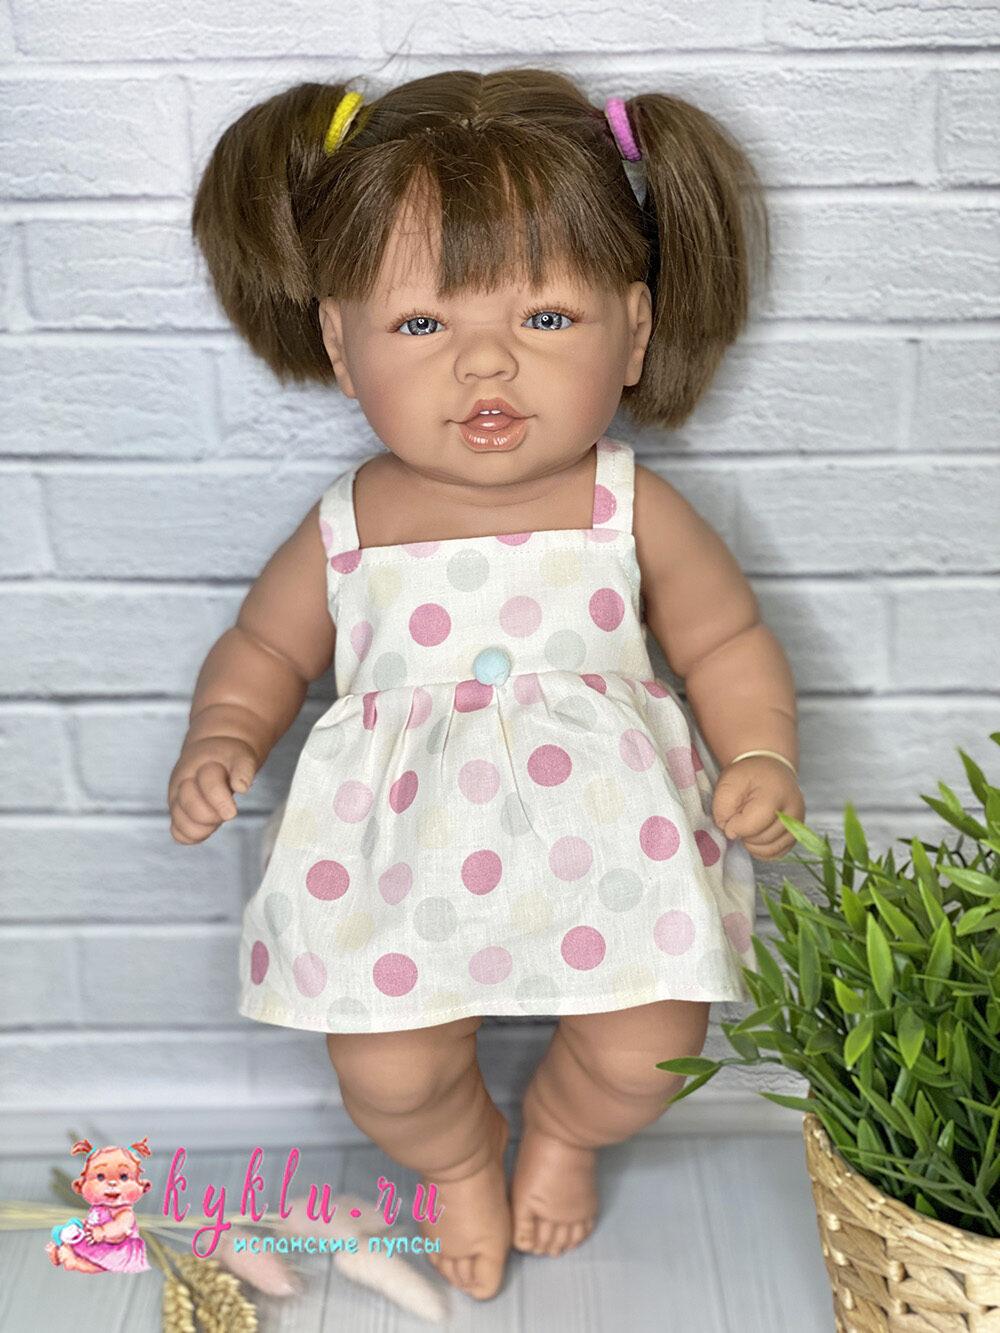 Кукла Нина от фабрики Manolo